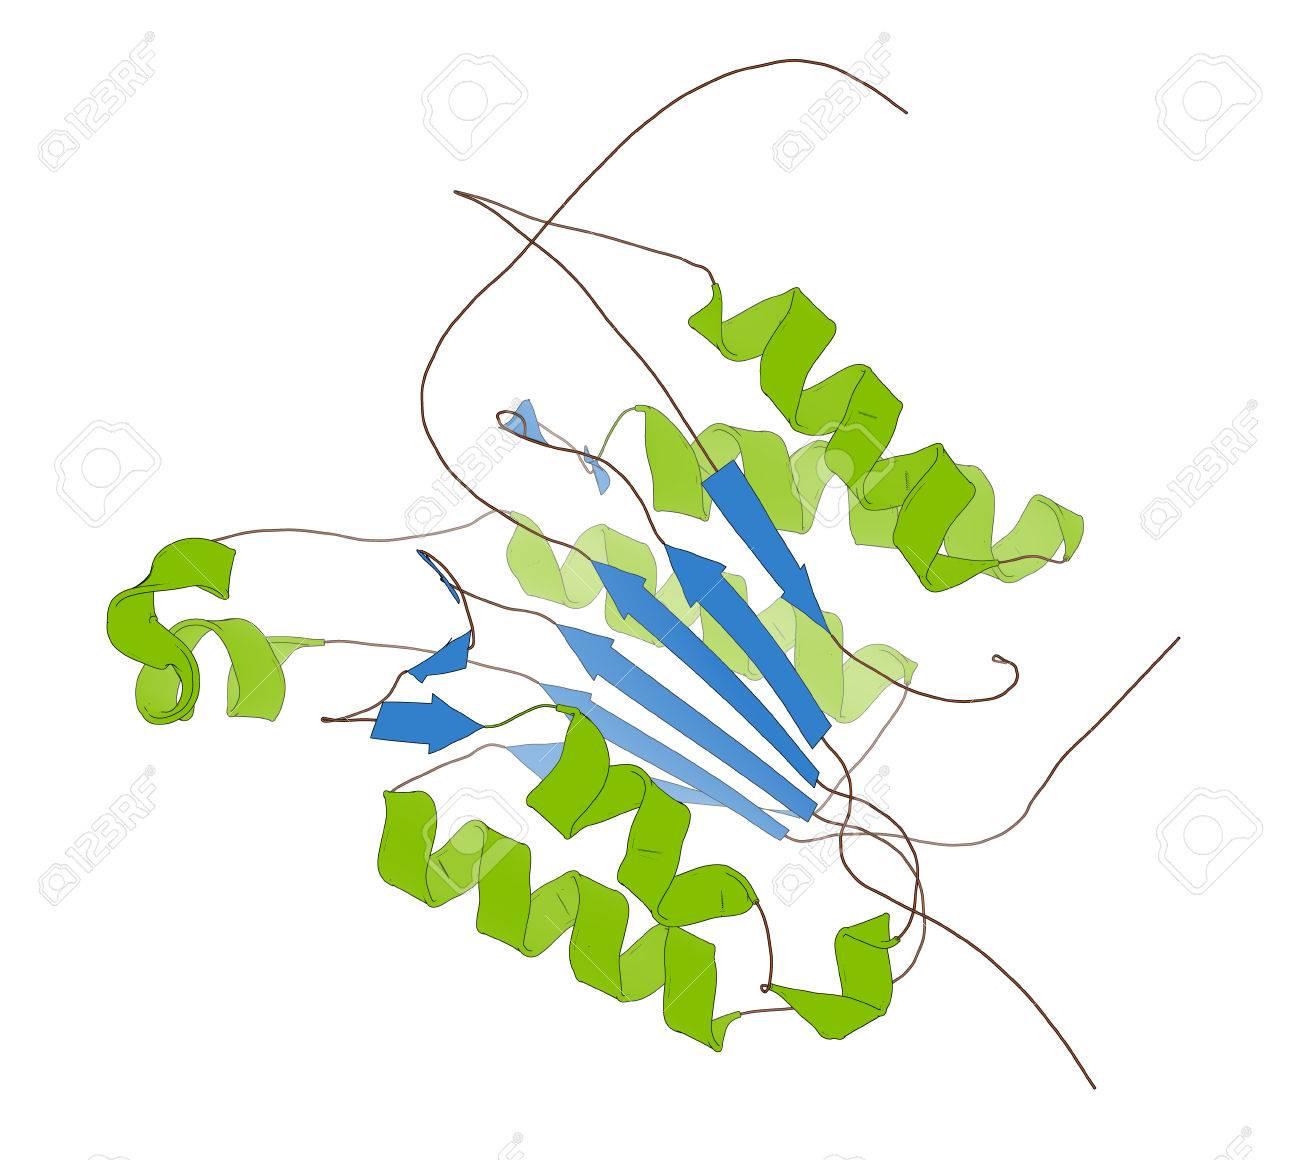 カスパーゼ 3 アポトーシス蛋白...